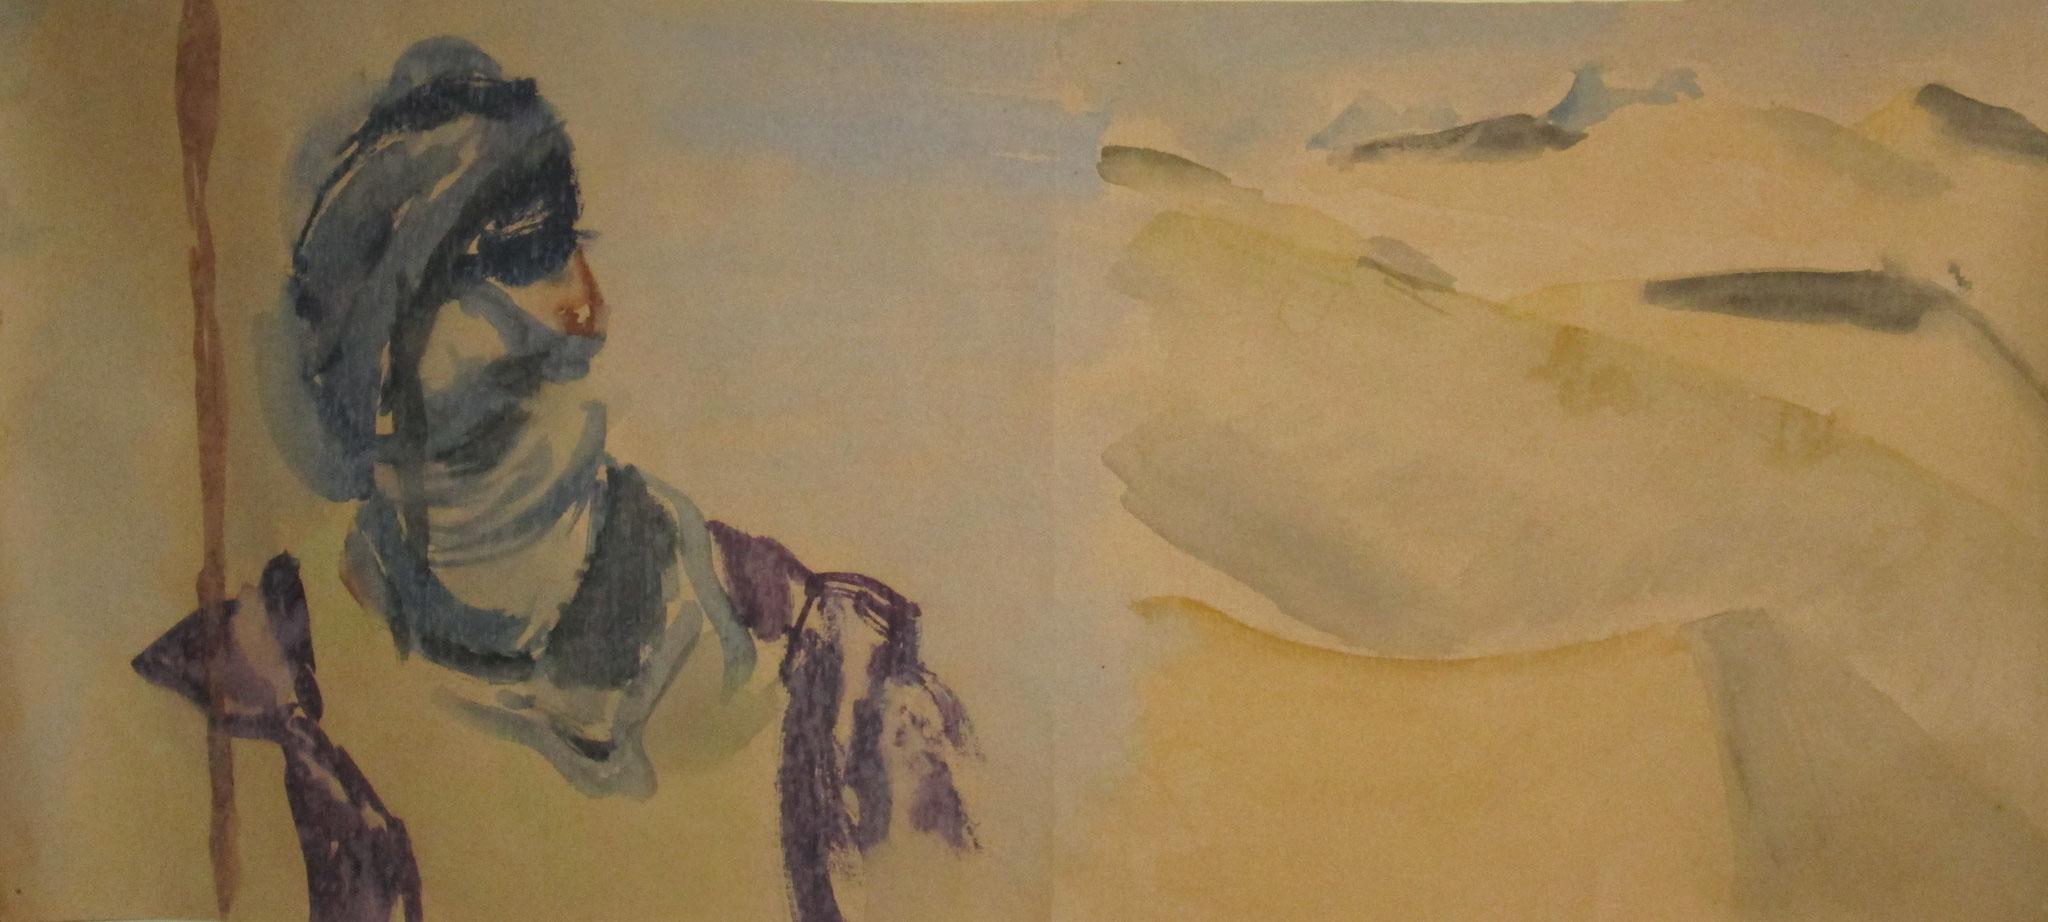 Targi aus der Sahara